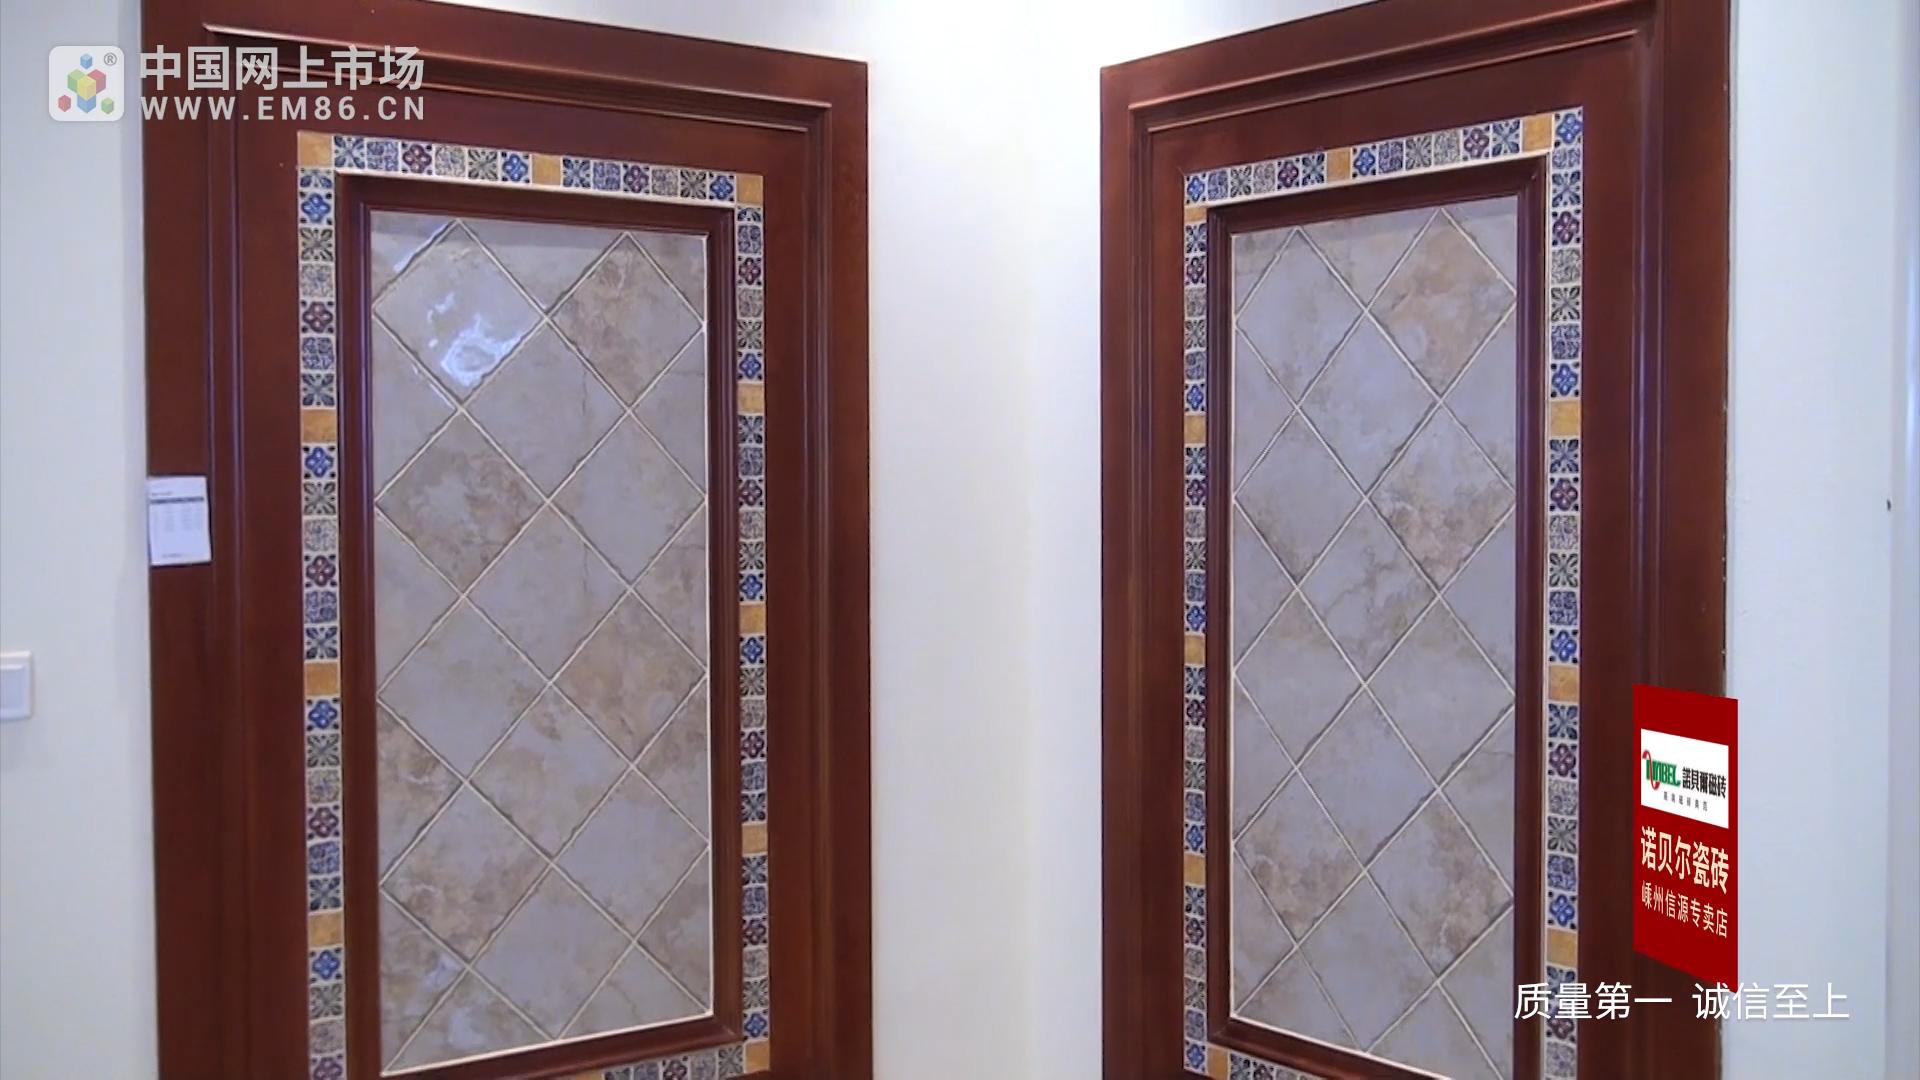 门窗 1920_1080